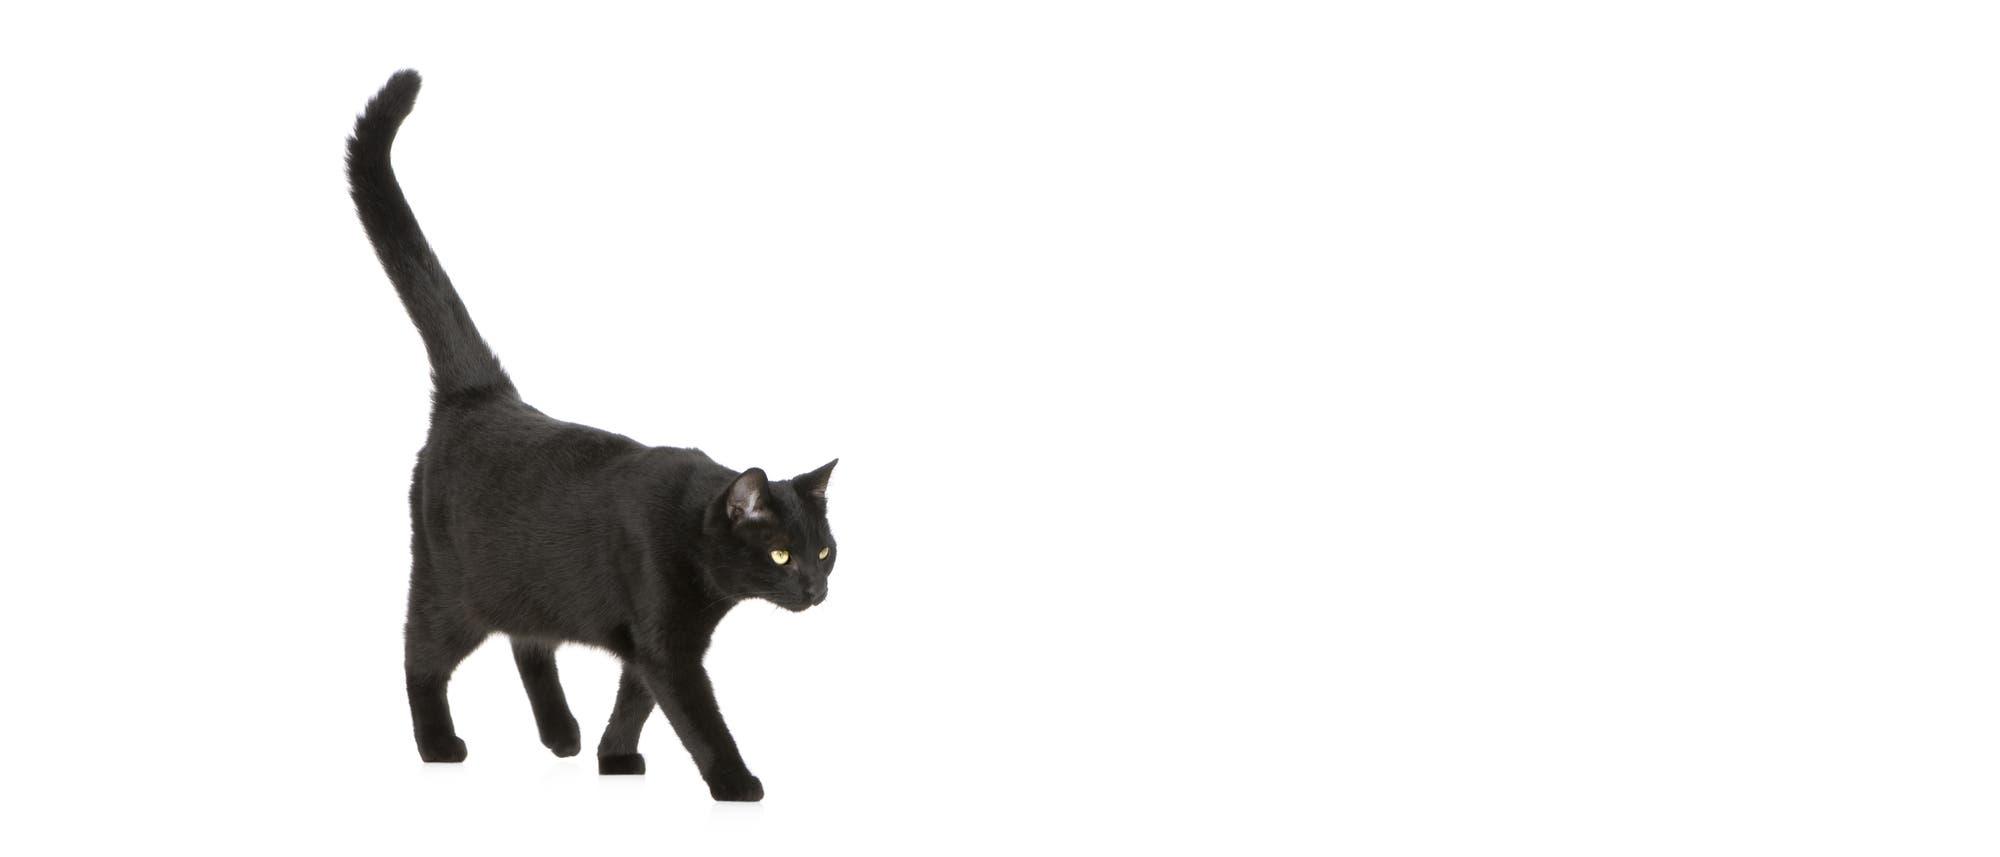 Aberglaube: Schwarze Katze von links bringt Unglück?